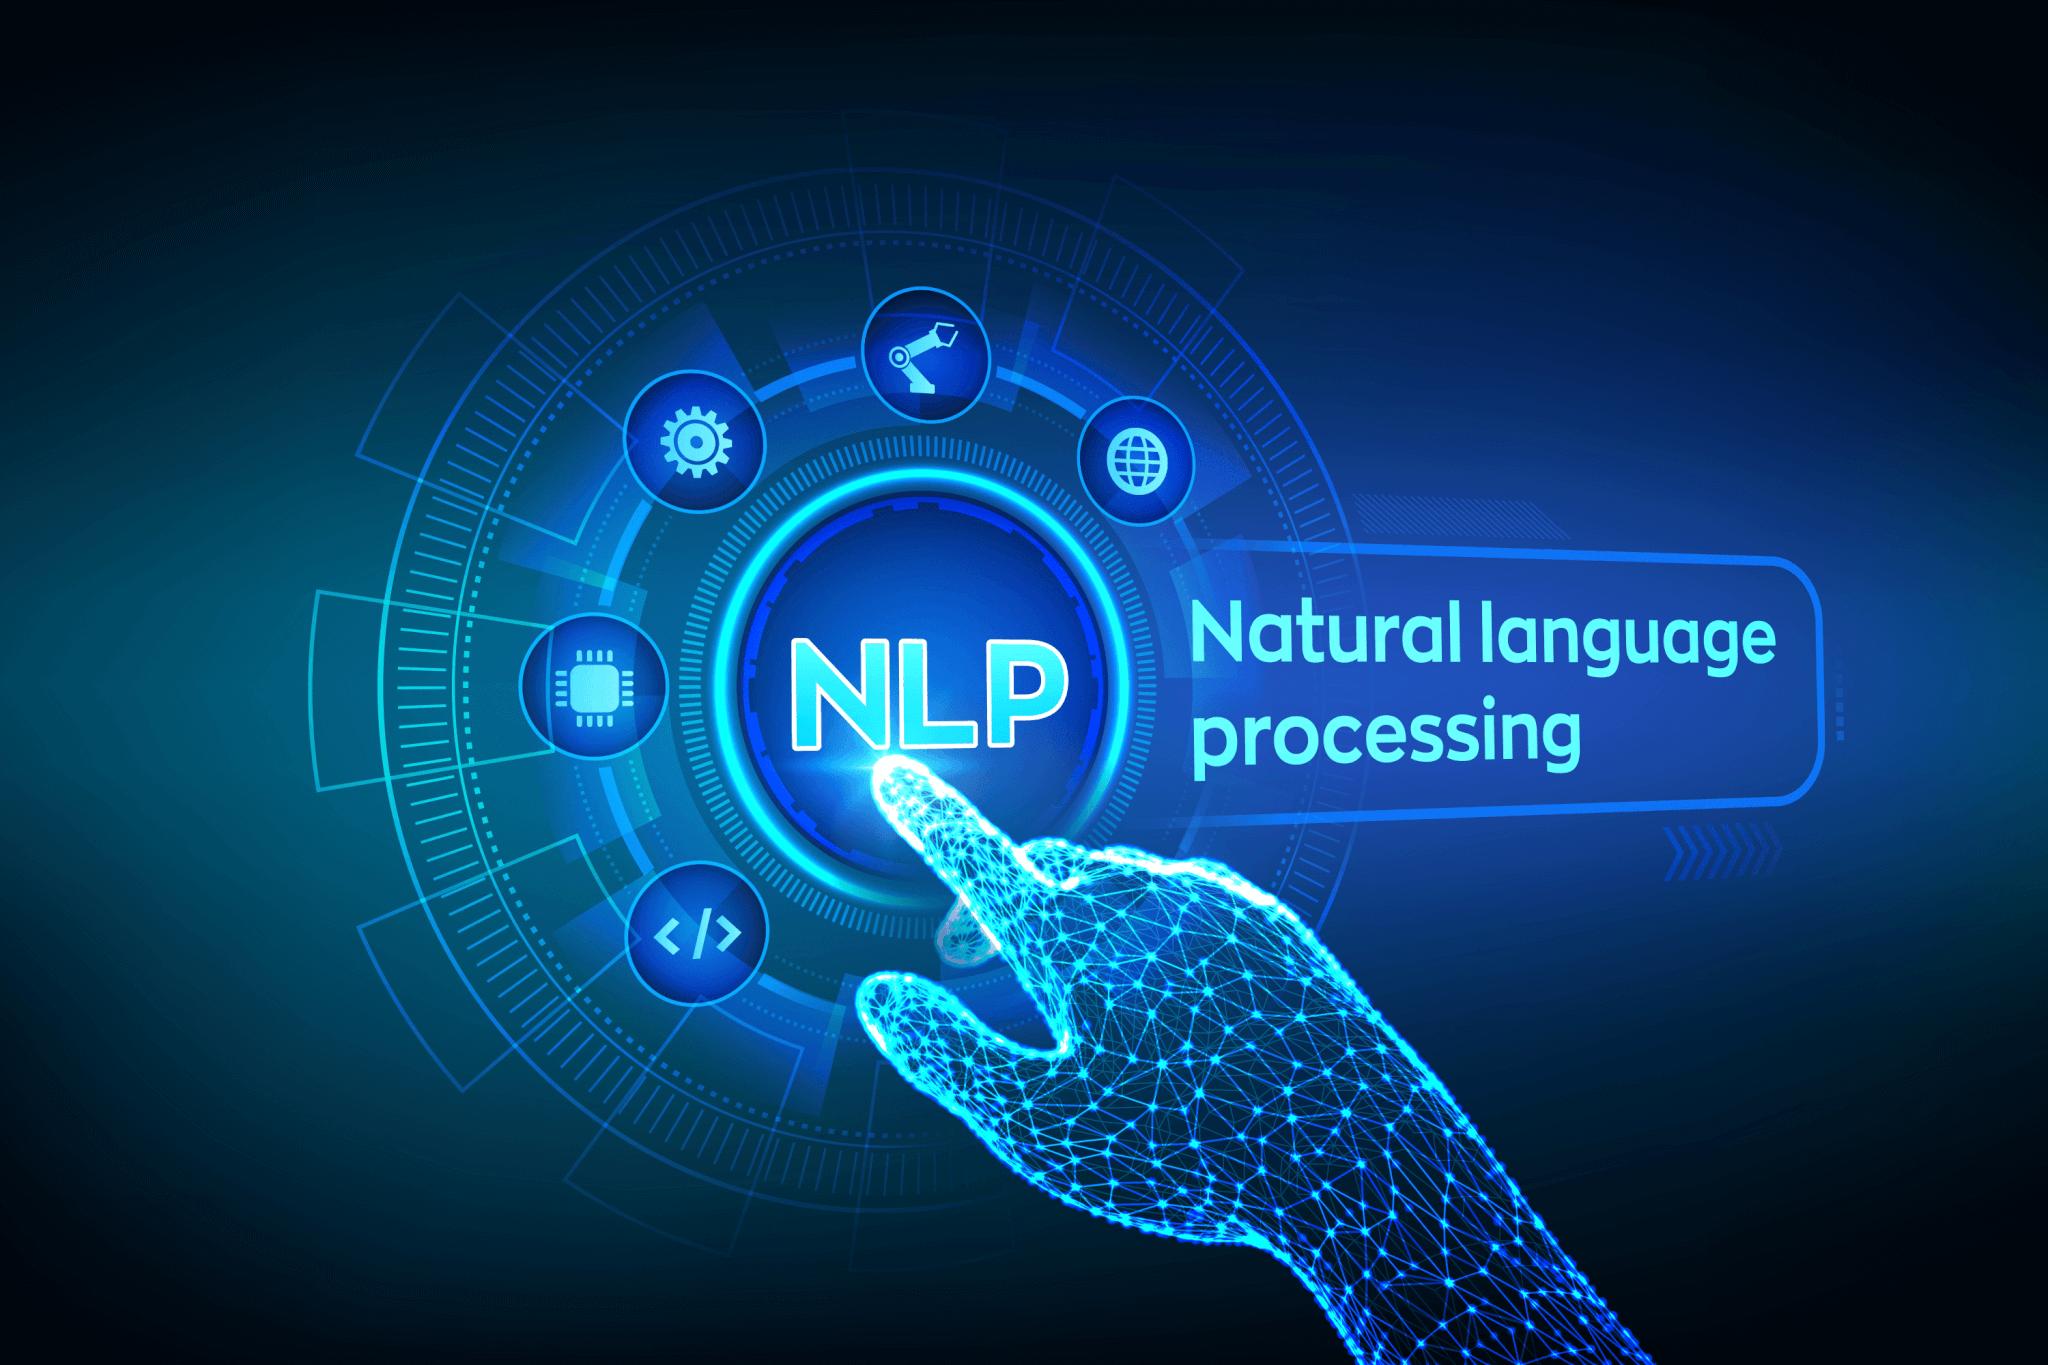 קורס NLP מומלץ - SMART NLP